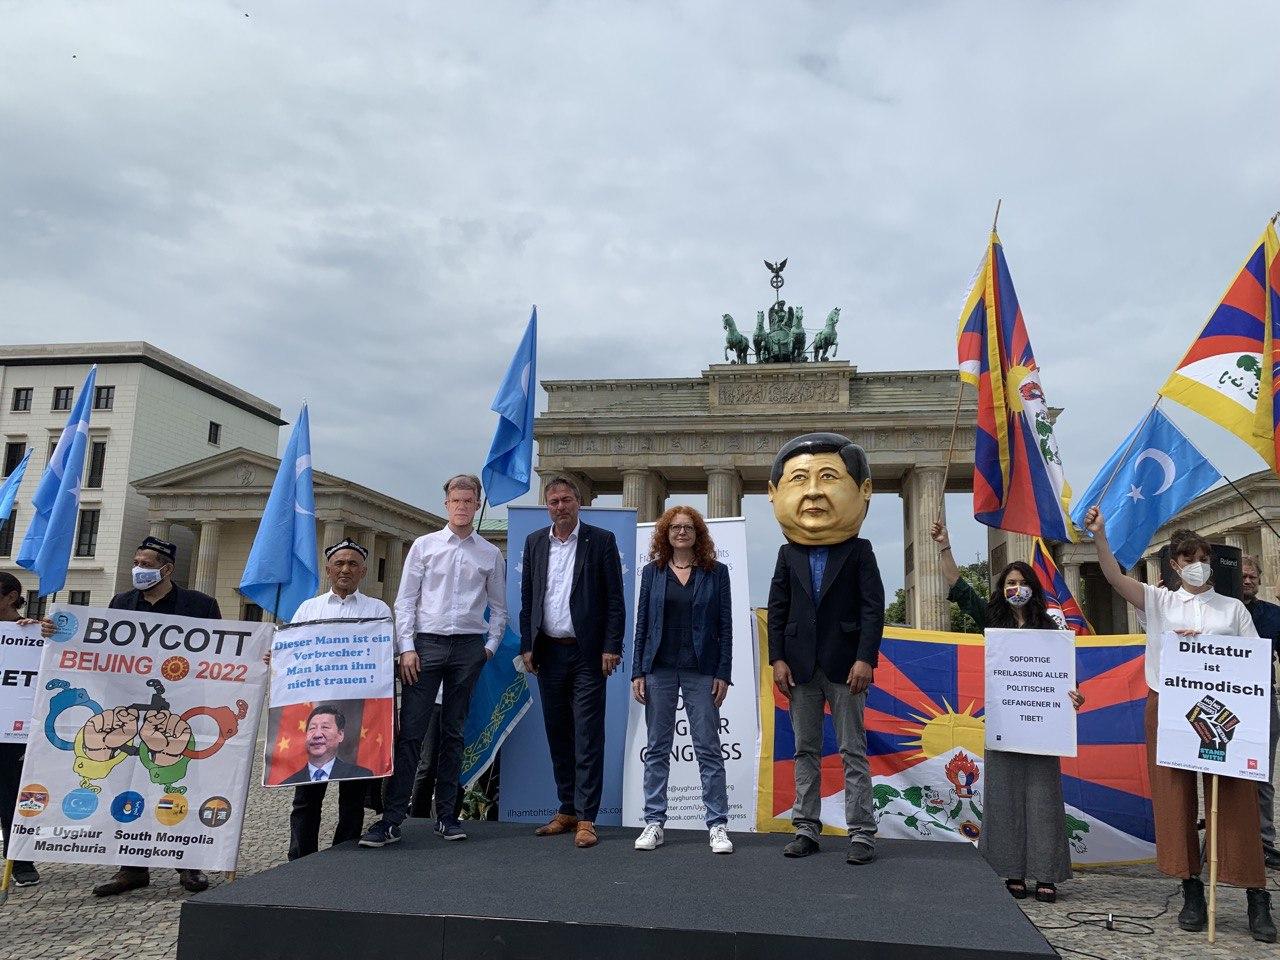 2021年6月23日,全球就中共打压新疆人权、西藏人权发起抵制北京2022冬奥会行动。世维会中国事务部主任伊力夏提呼吁国际社会响应这一行动。(吴亦桐提供)